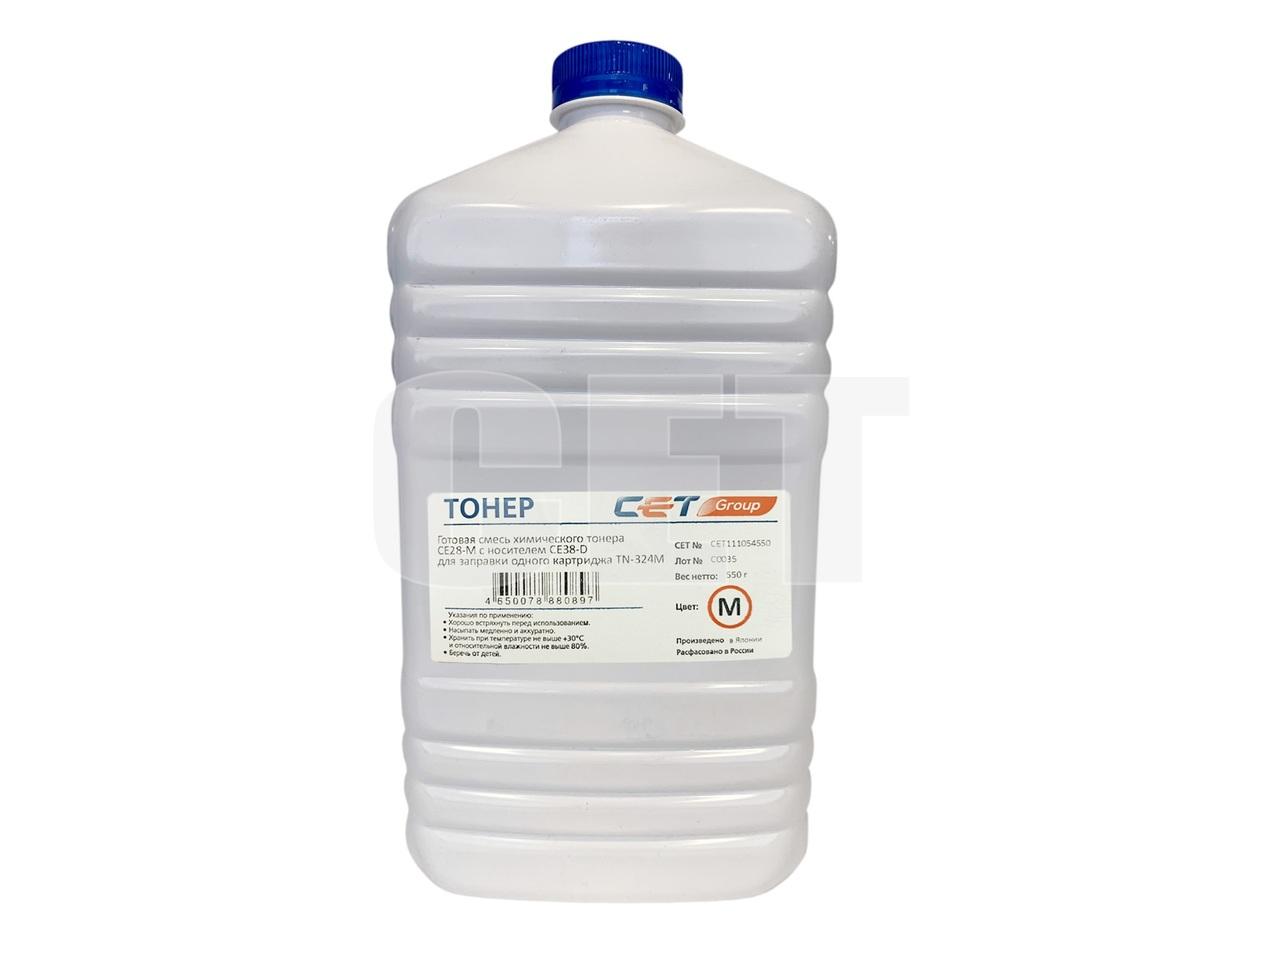 Тонер (CPT) + носитель CE28 для KONICA MINOLTA BizhubC258/308/368 (Japan) Magenta, 550г/бут, CET111054550